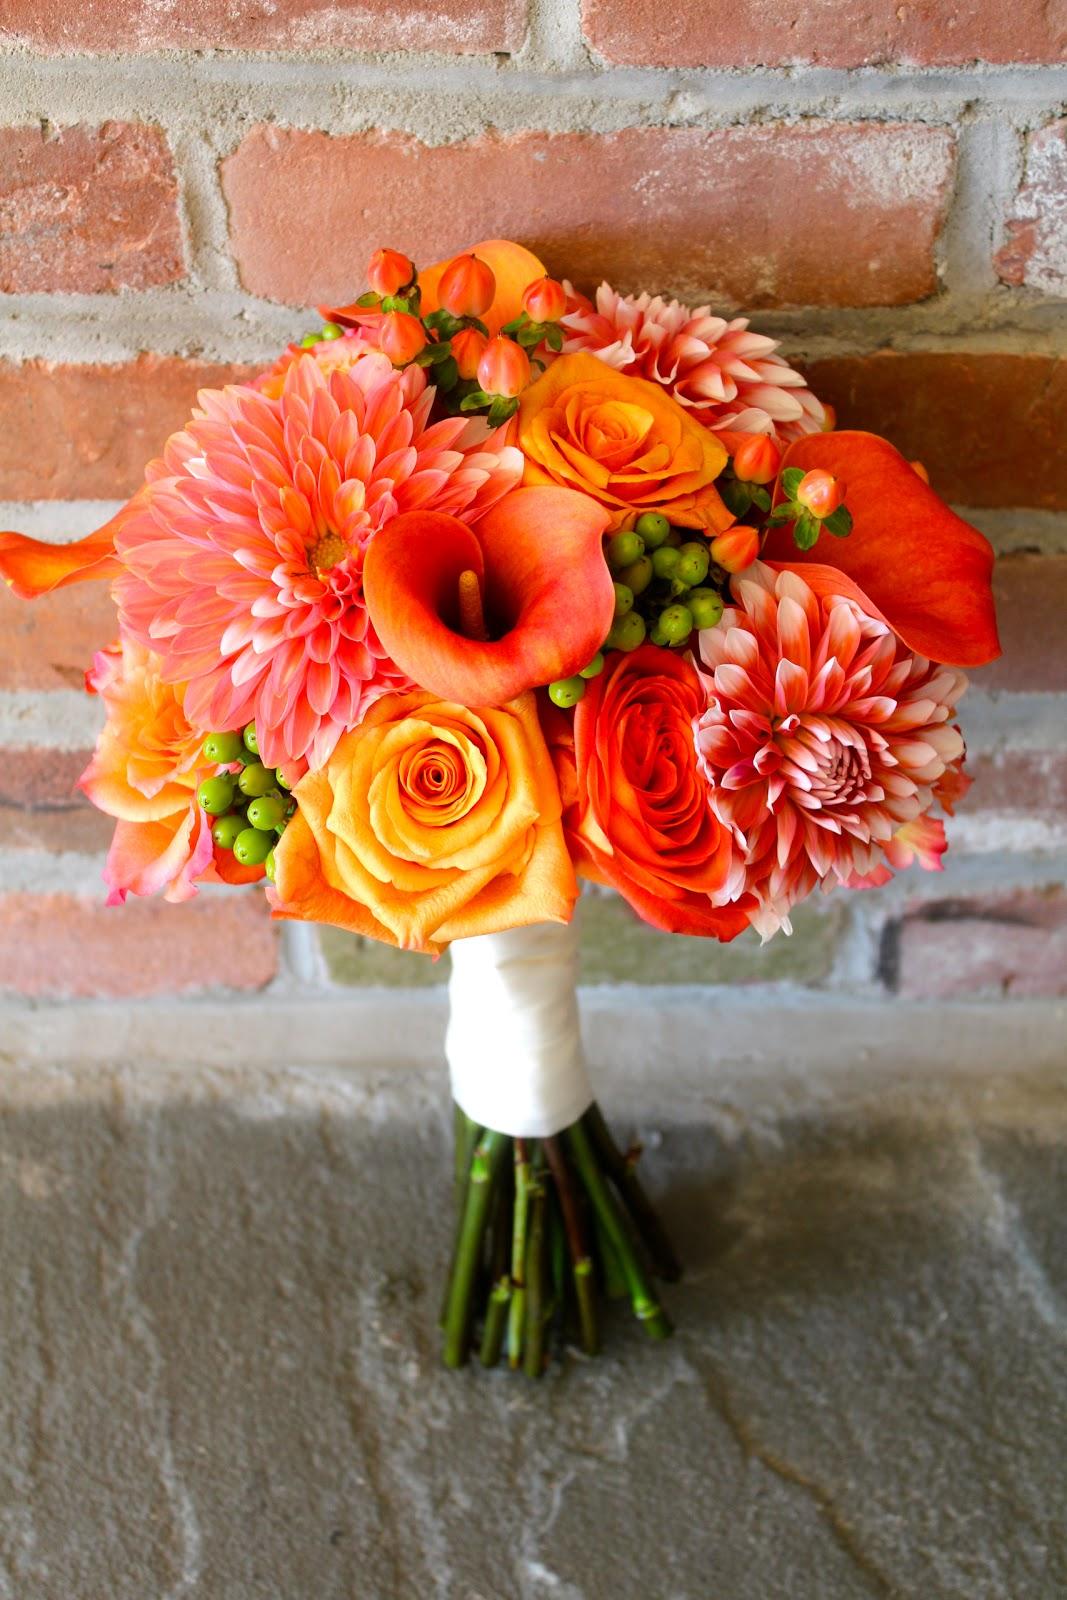 Allison Phalen Floral Design: October 2012